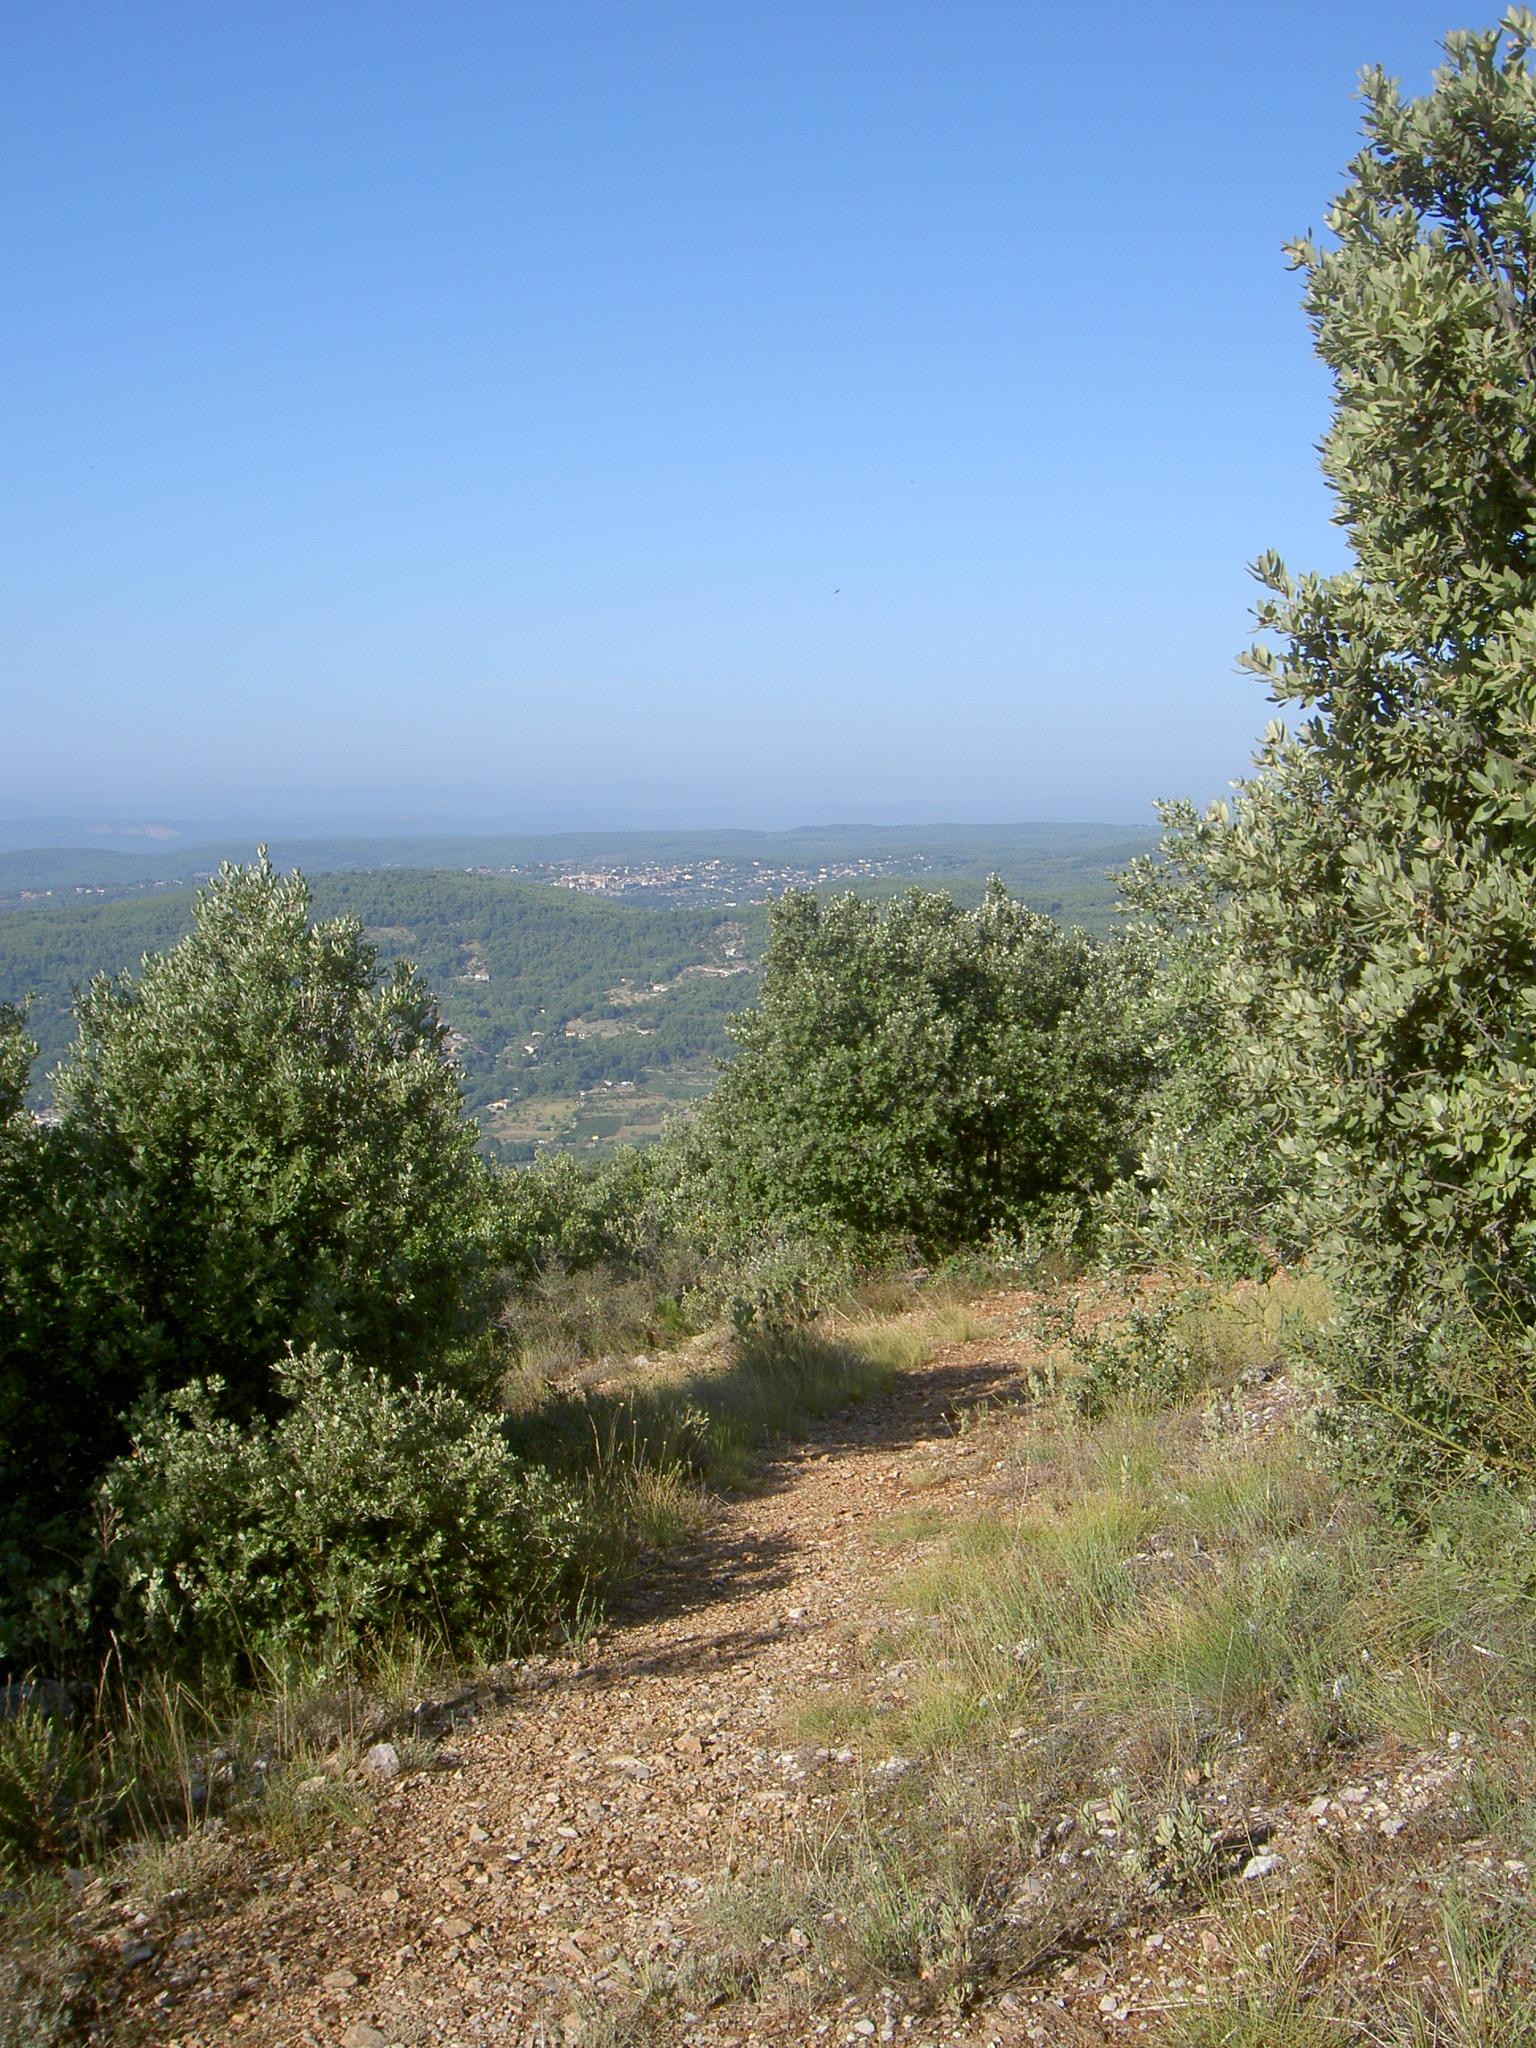 Randonnée pédestre - Draguignan - Sentier du patrimoine